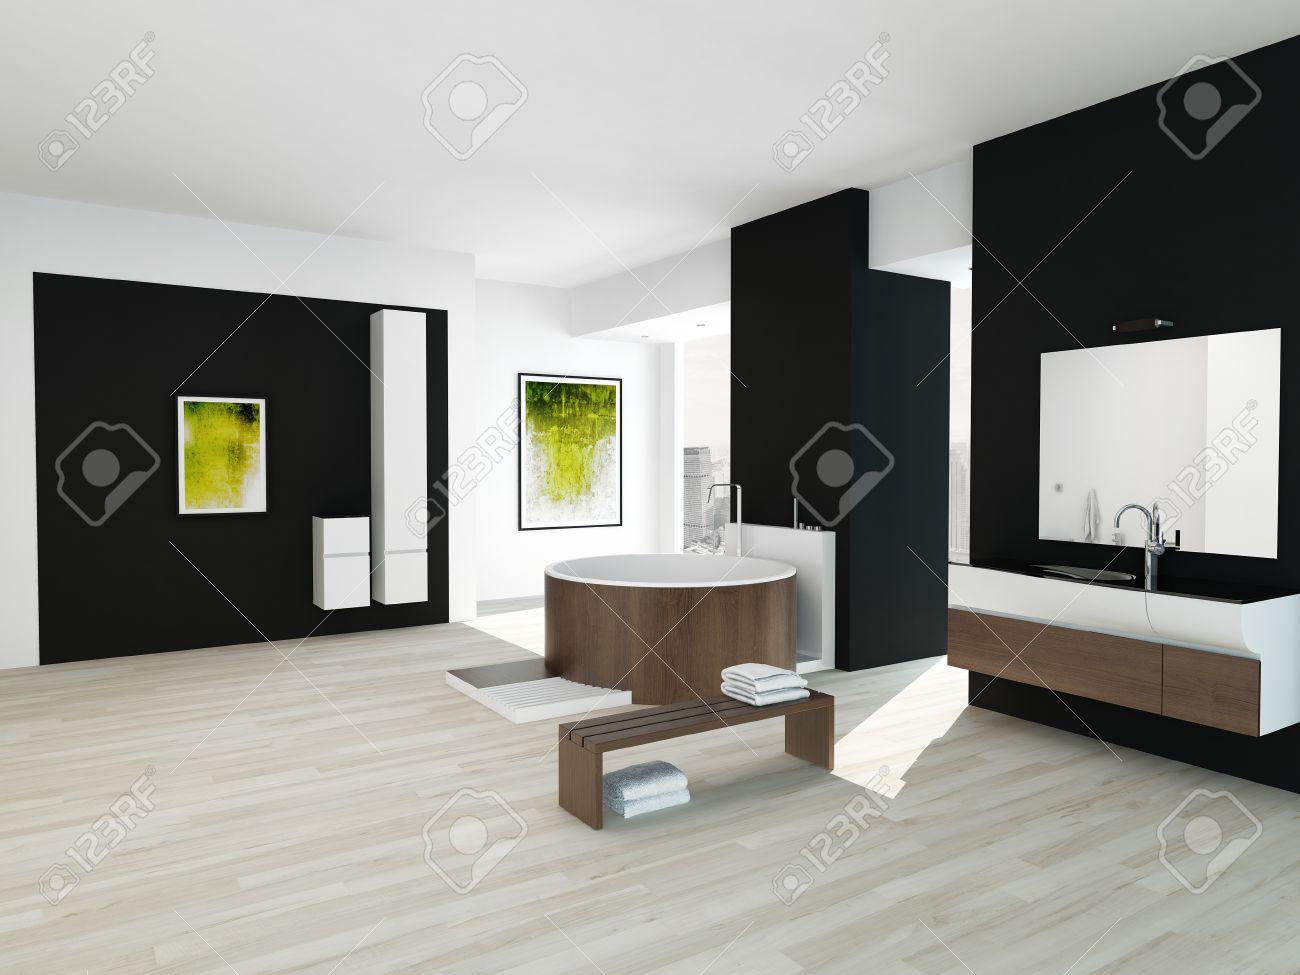 Salle de bains intérieure de style noir et blanc avec baignoire en bois